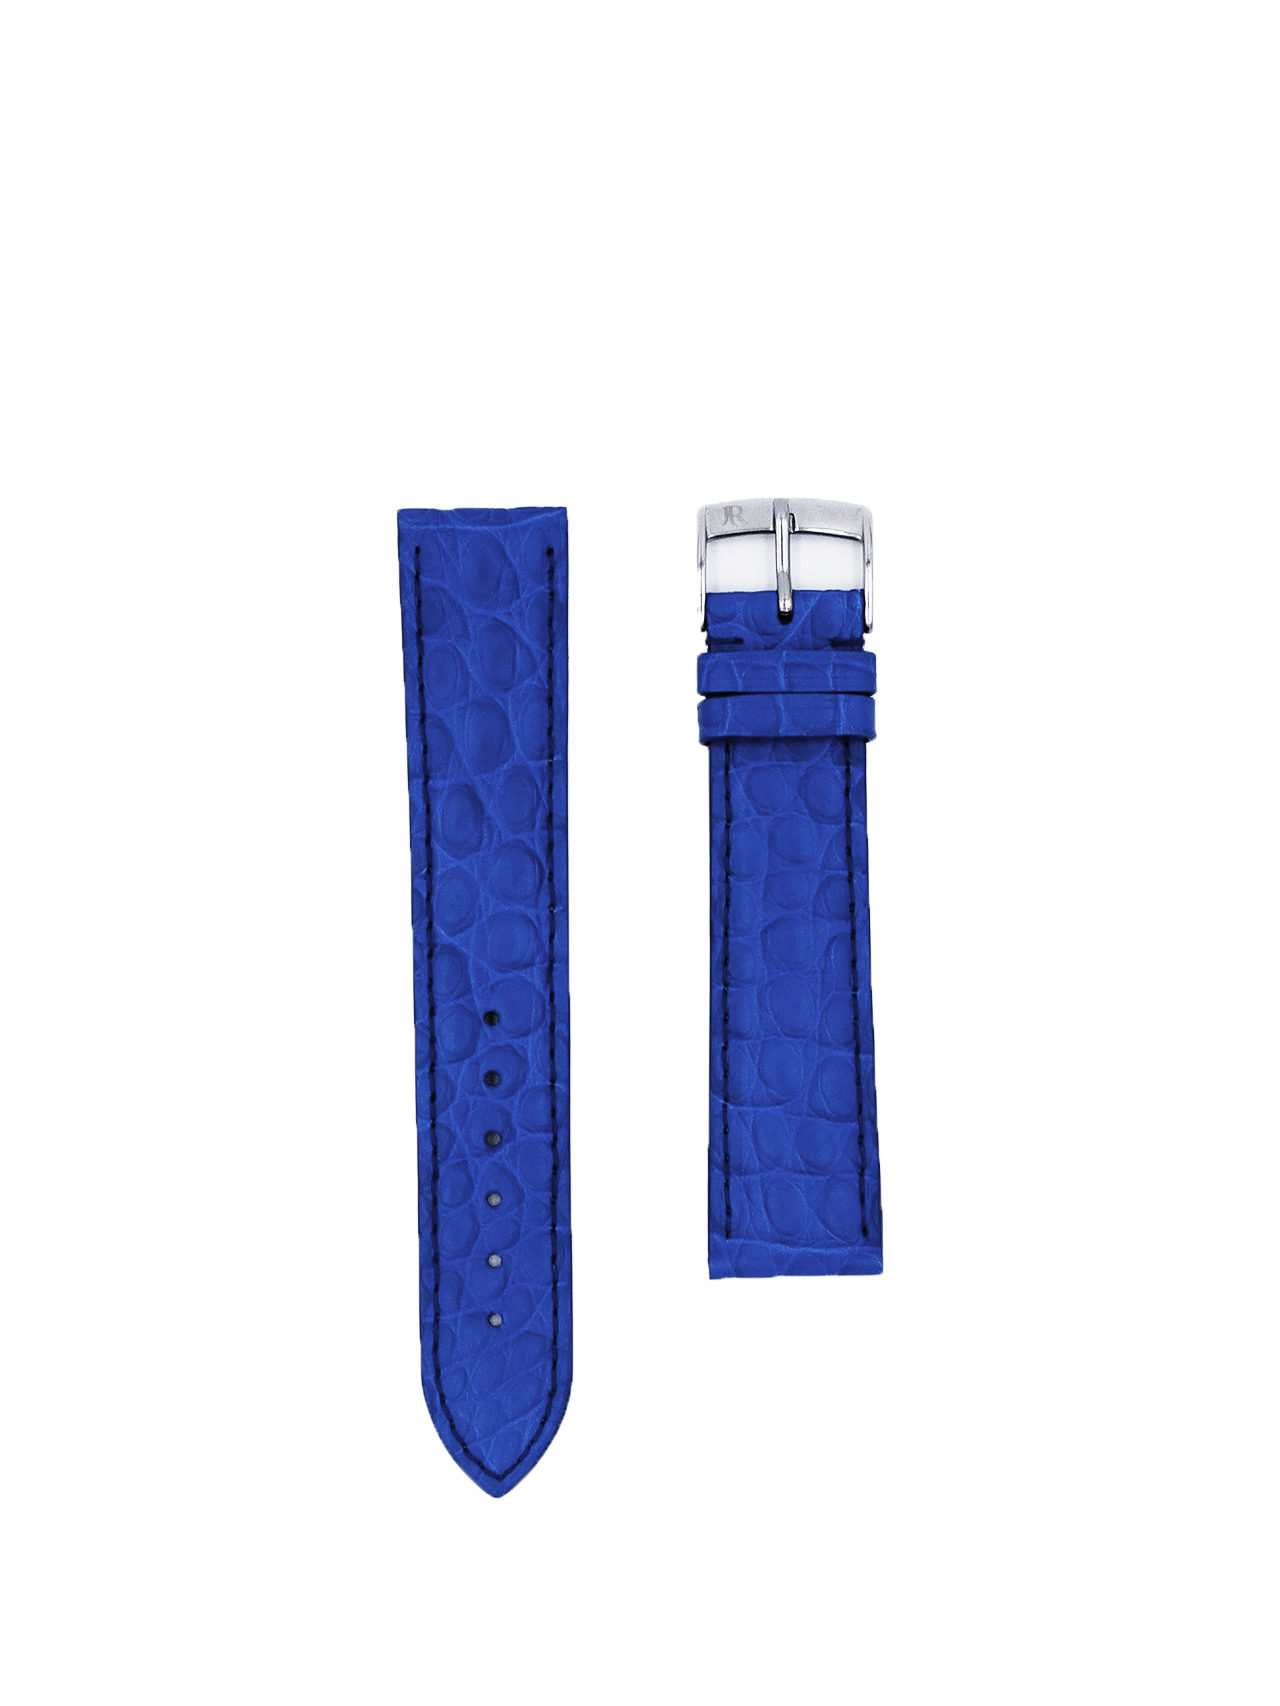 watch straps nyc lligator blue